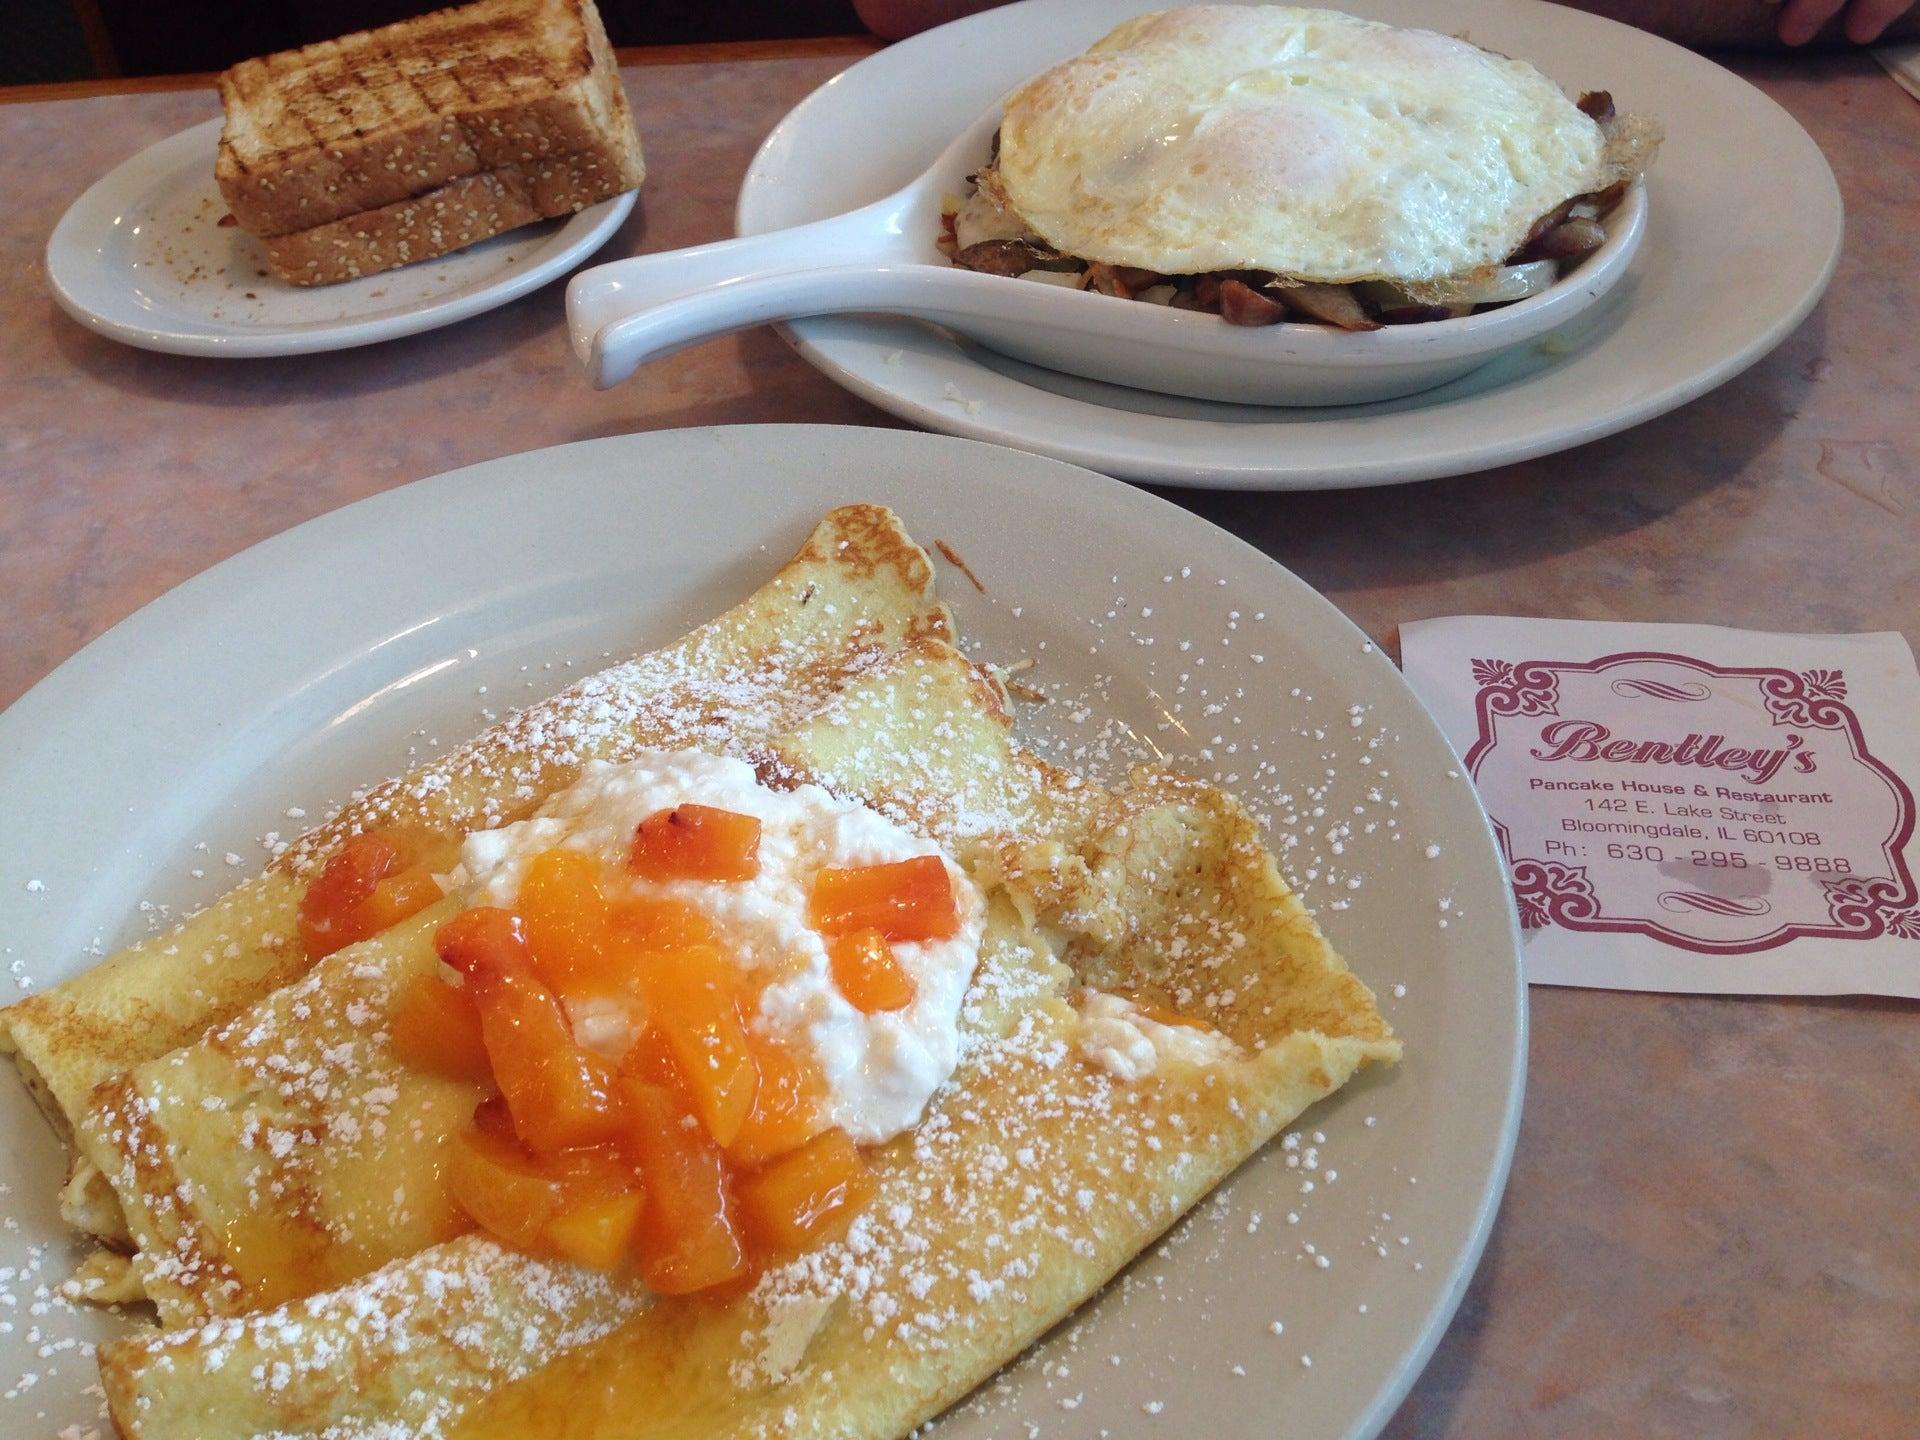 Bently's Pancake House,brunch,diner